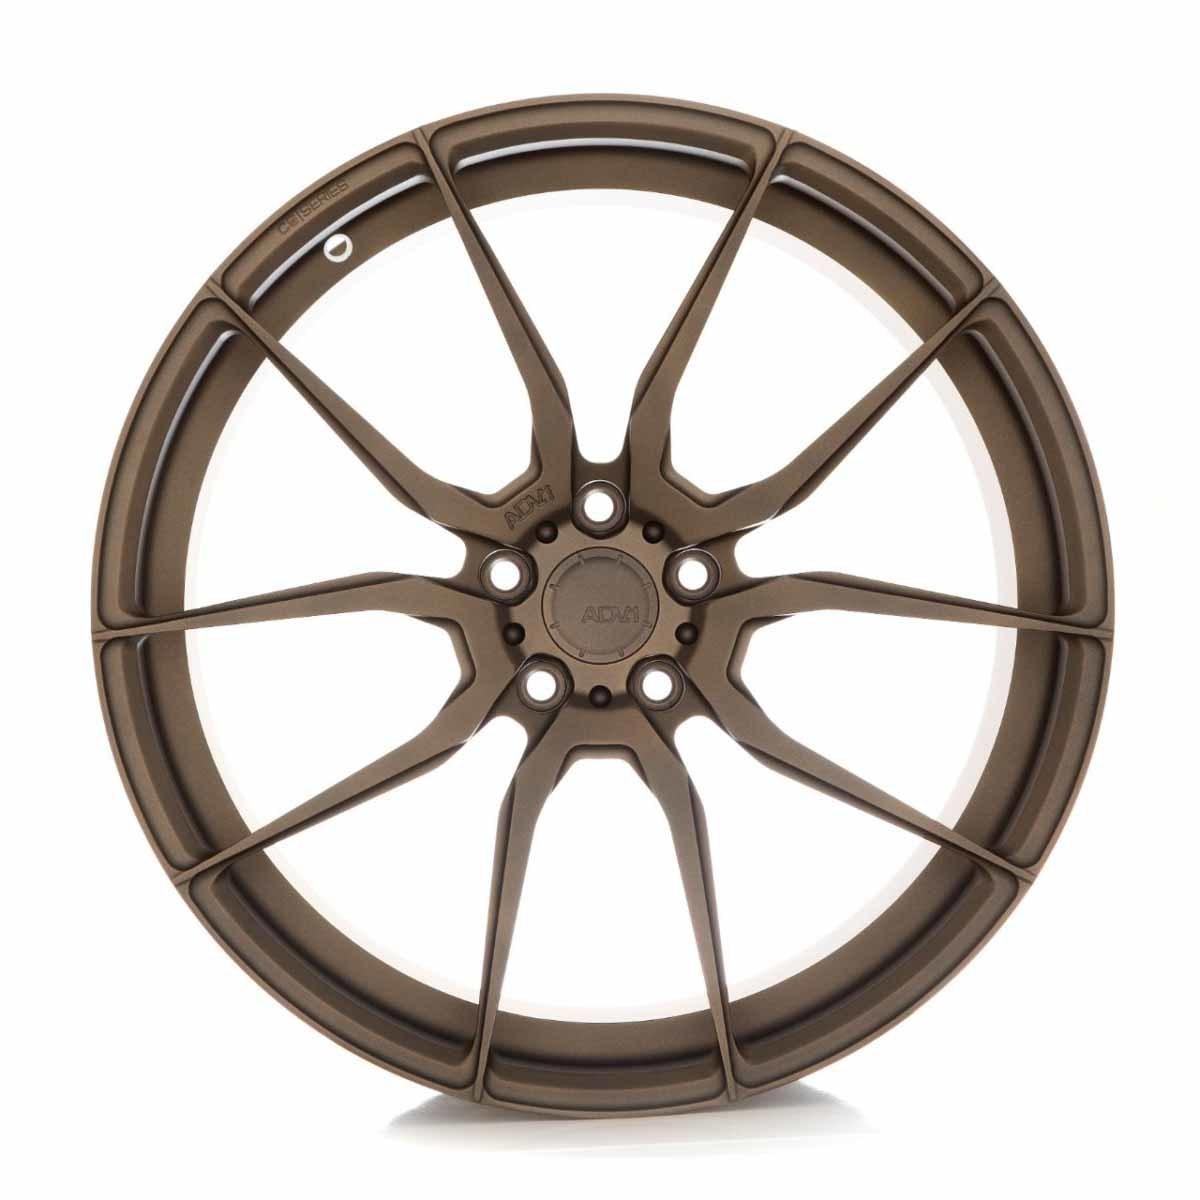 ADV.1 ADV5.0 M.V1 (CS Series) forged wheels